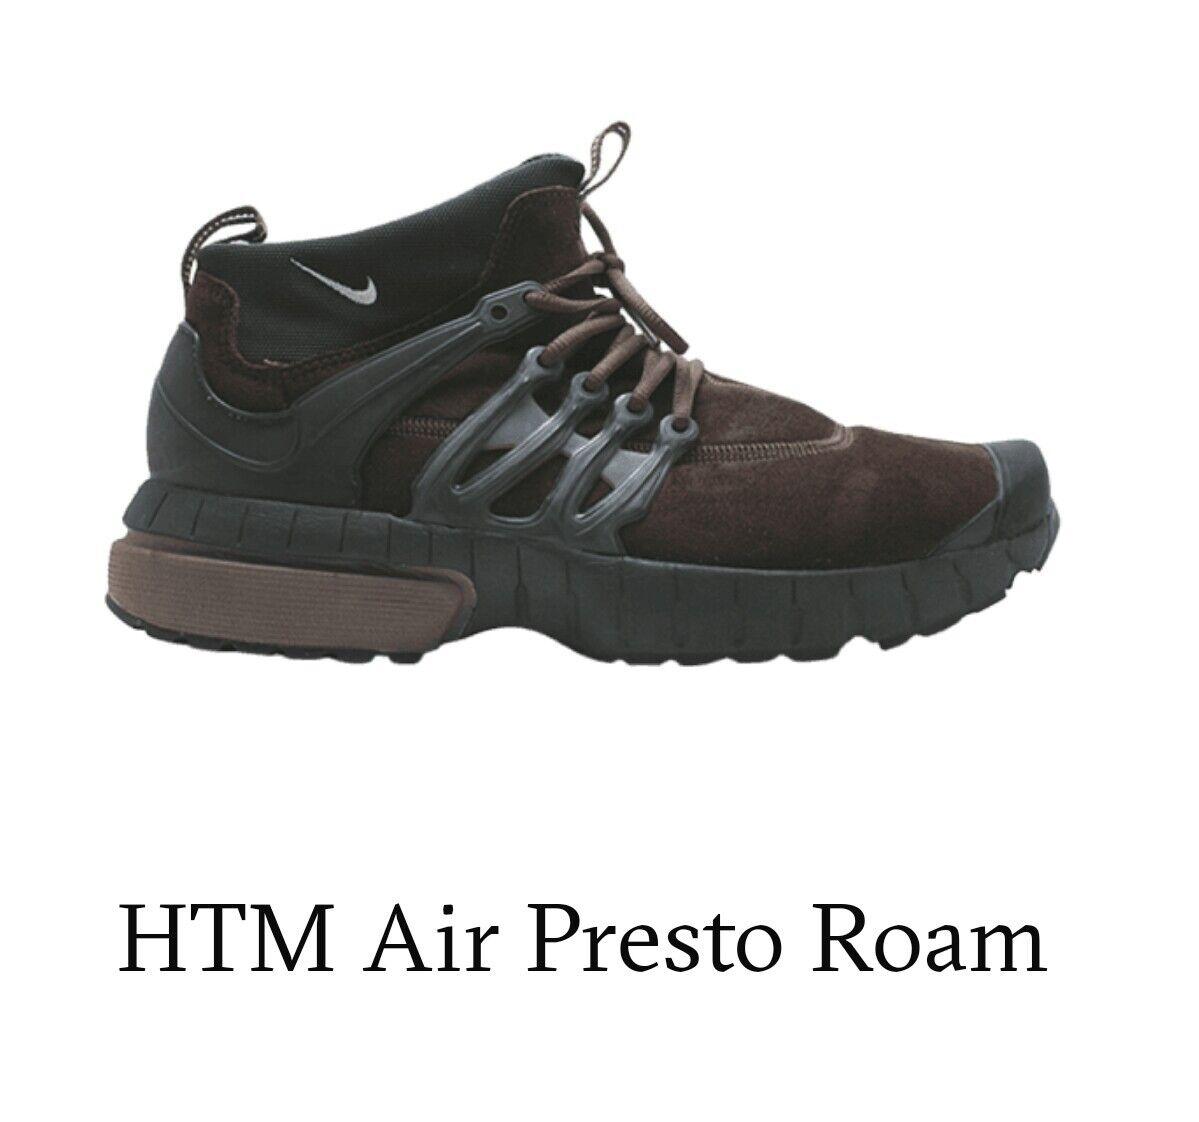 Da Uomo Nike HTM Air Presto Roam Taglia 10-11 Marronee, Nuovo di zecca, edizione limitata